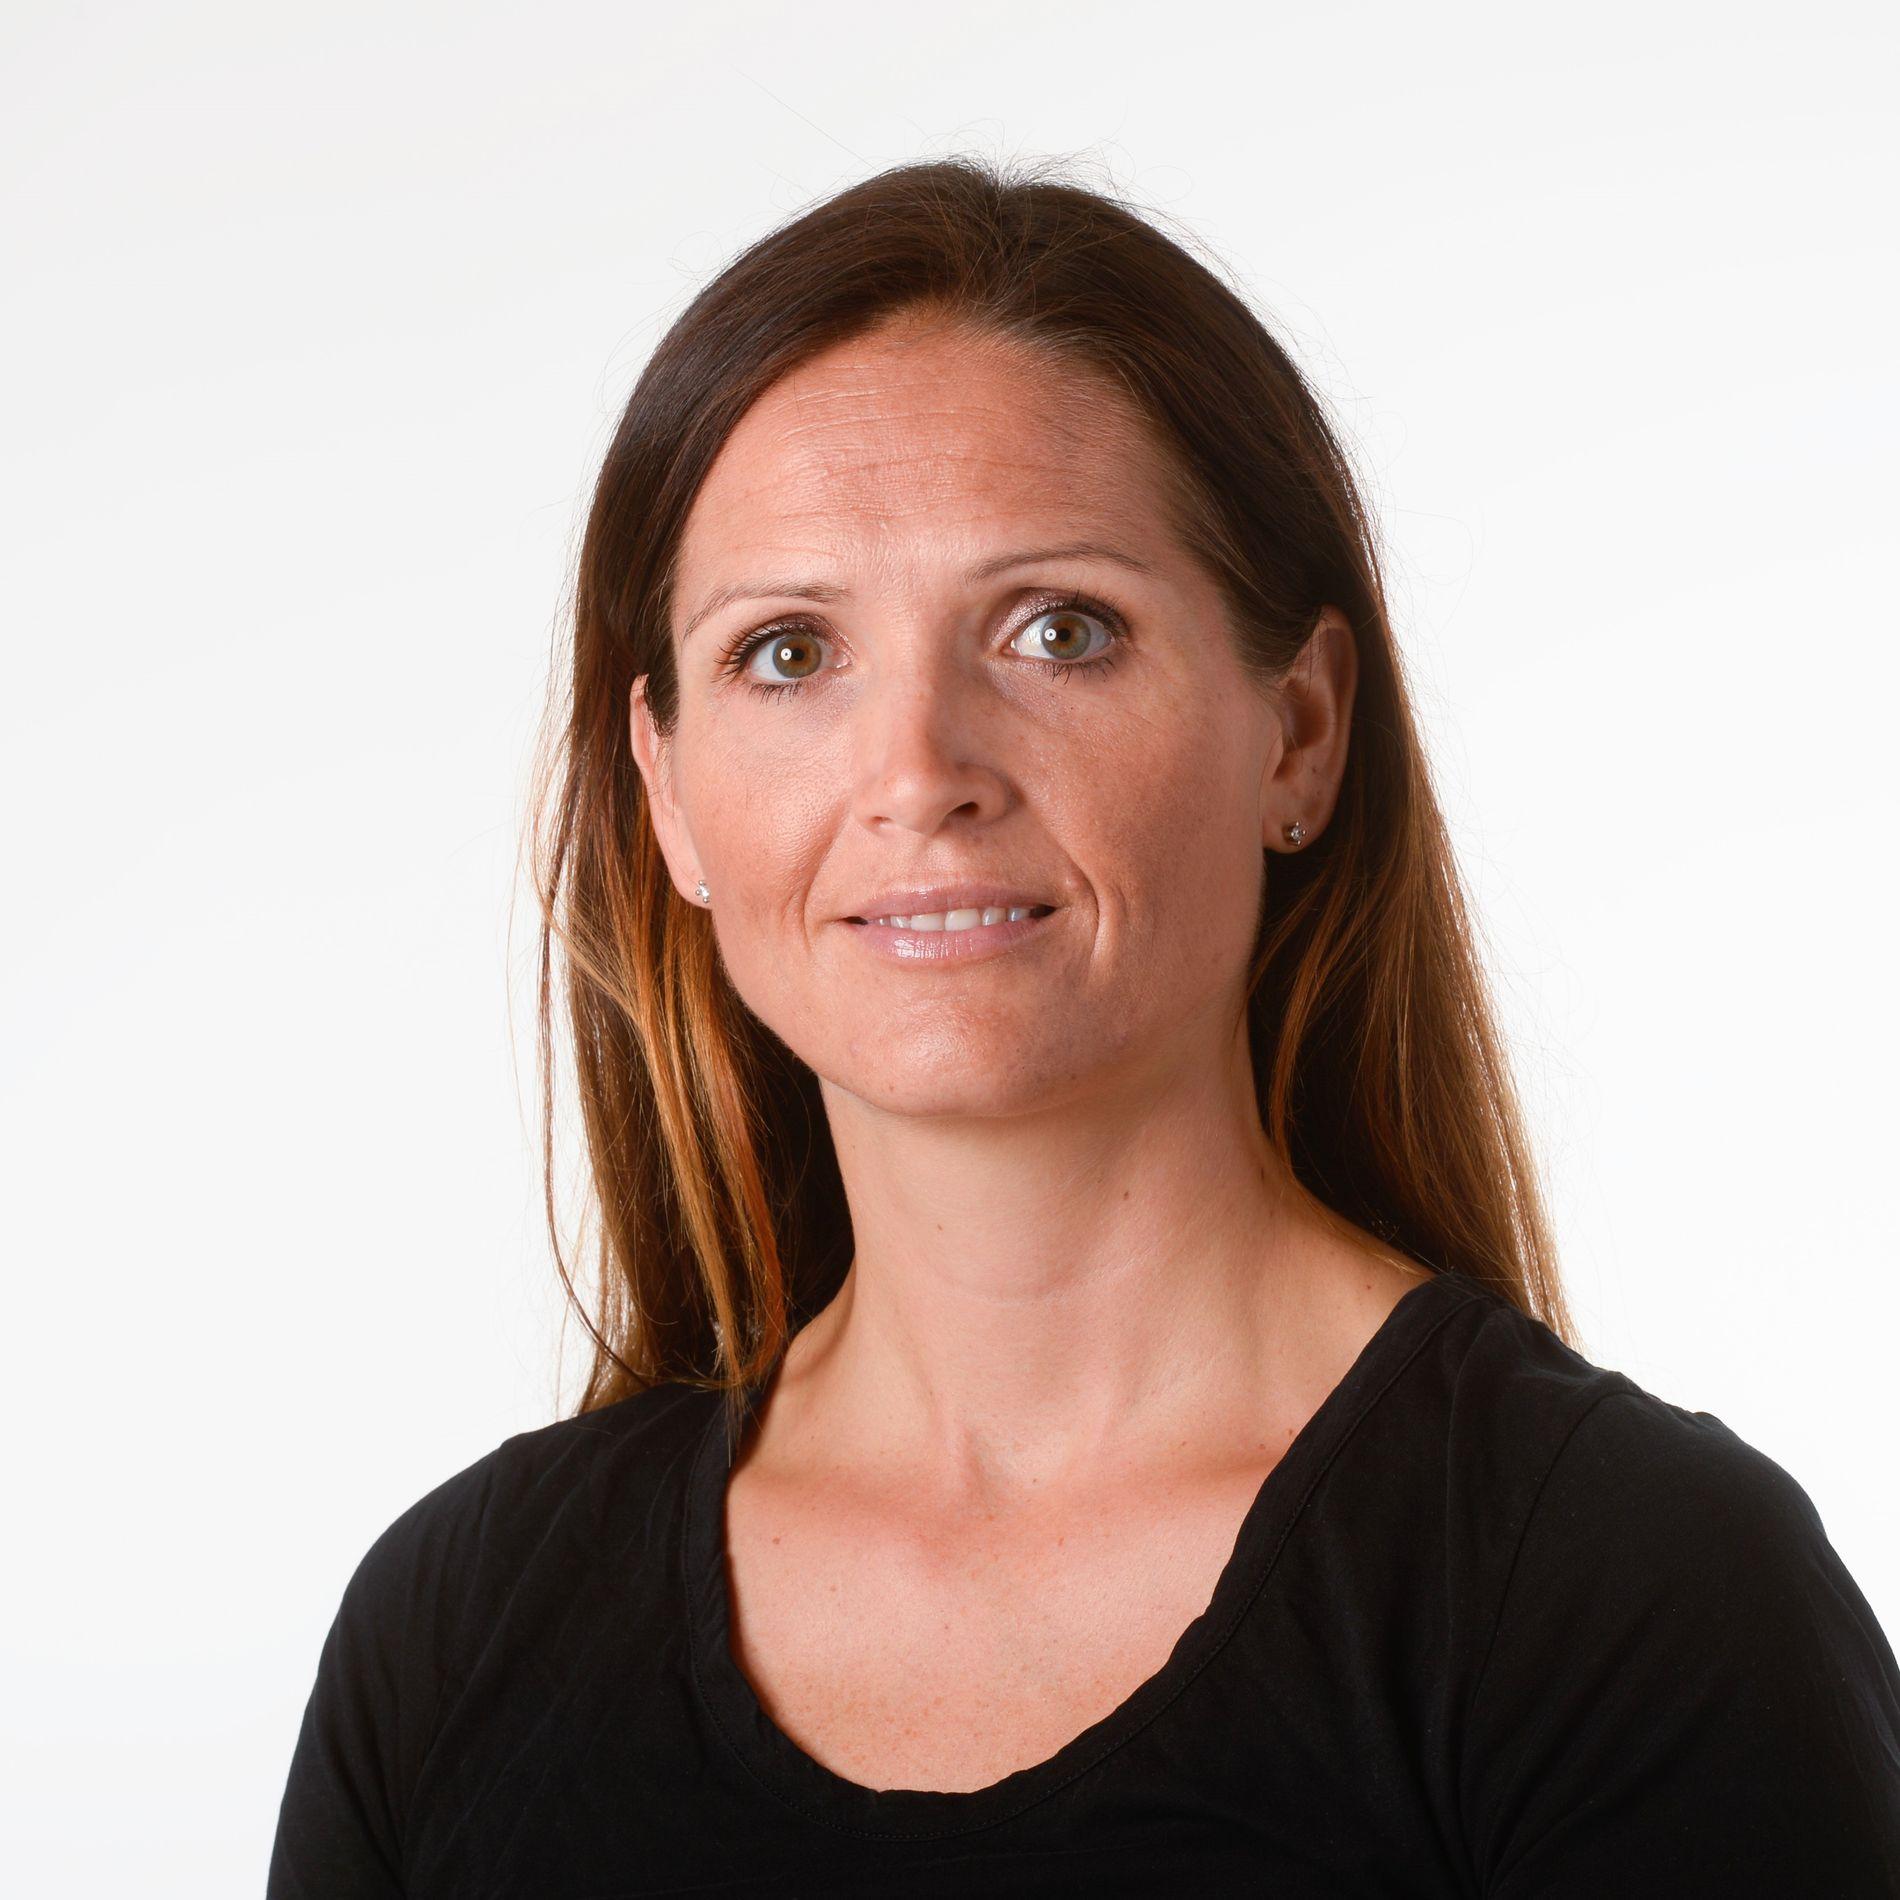 Julie Teresa Olsen